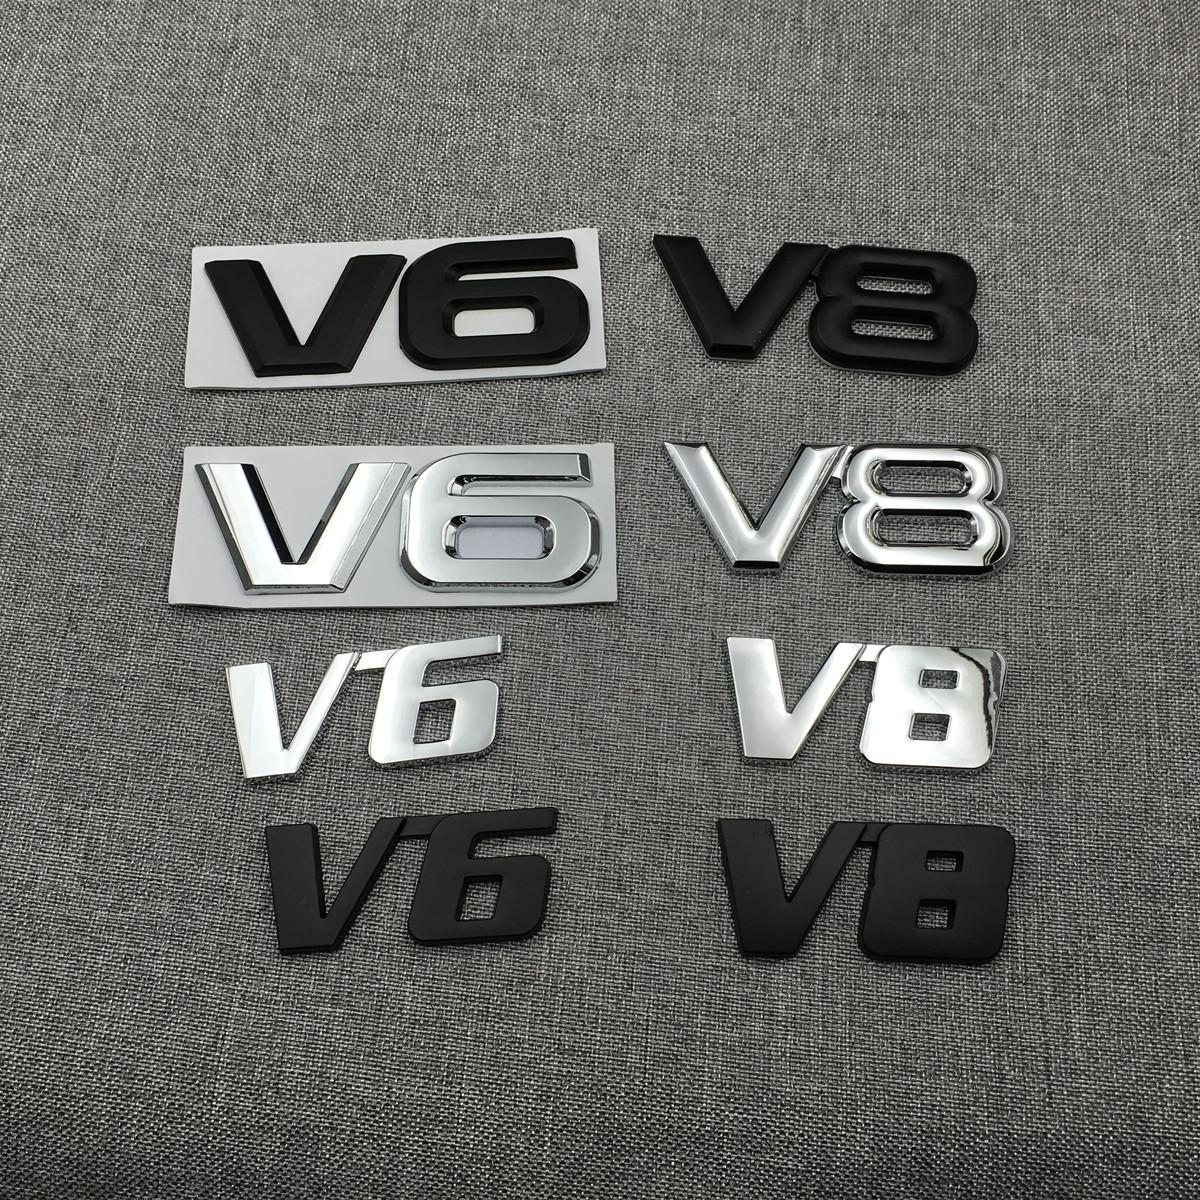 丰田新老锐志车标 V6后标 新老锐志 金属改装尾标 汉兰达改装V6标